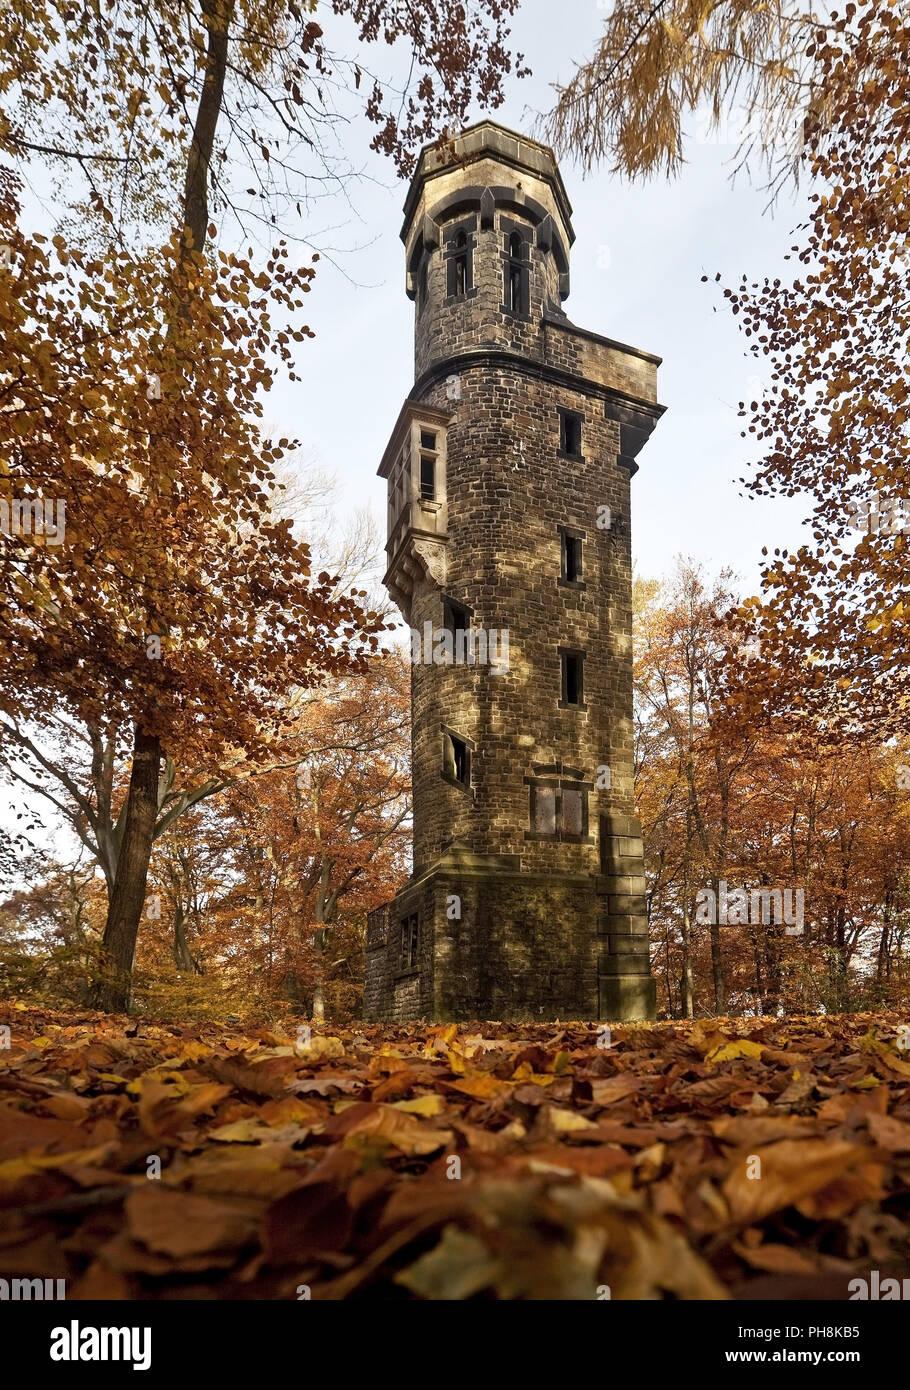 Von-der-Heydt-Turm, autumn, Wuppertal - Stock Image